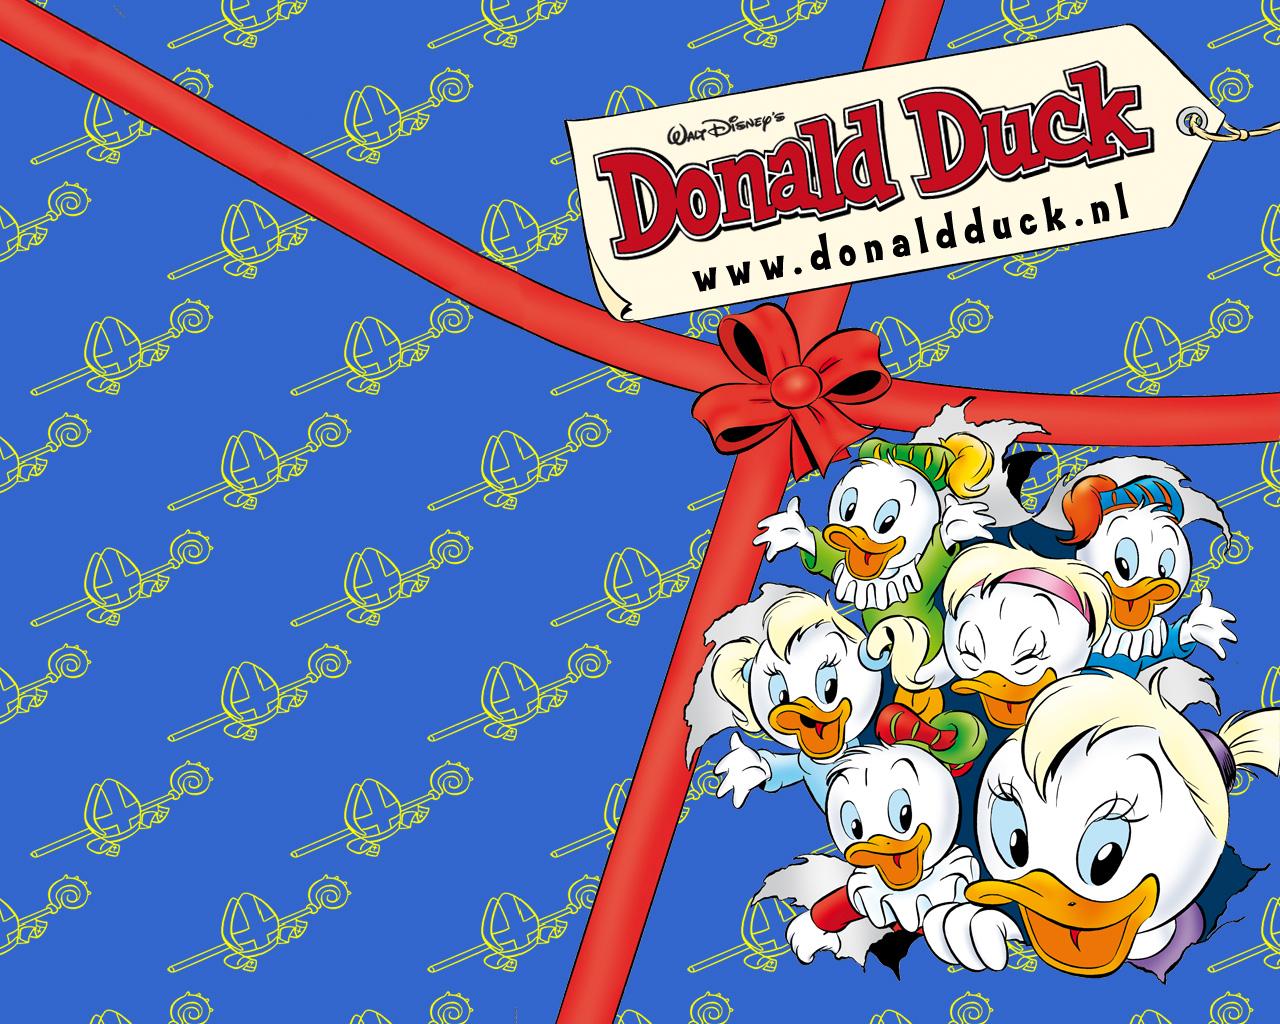 Wallpapers Donald Duck En Vrienden Animaatjesnl